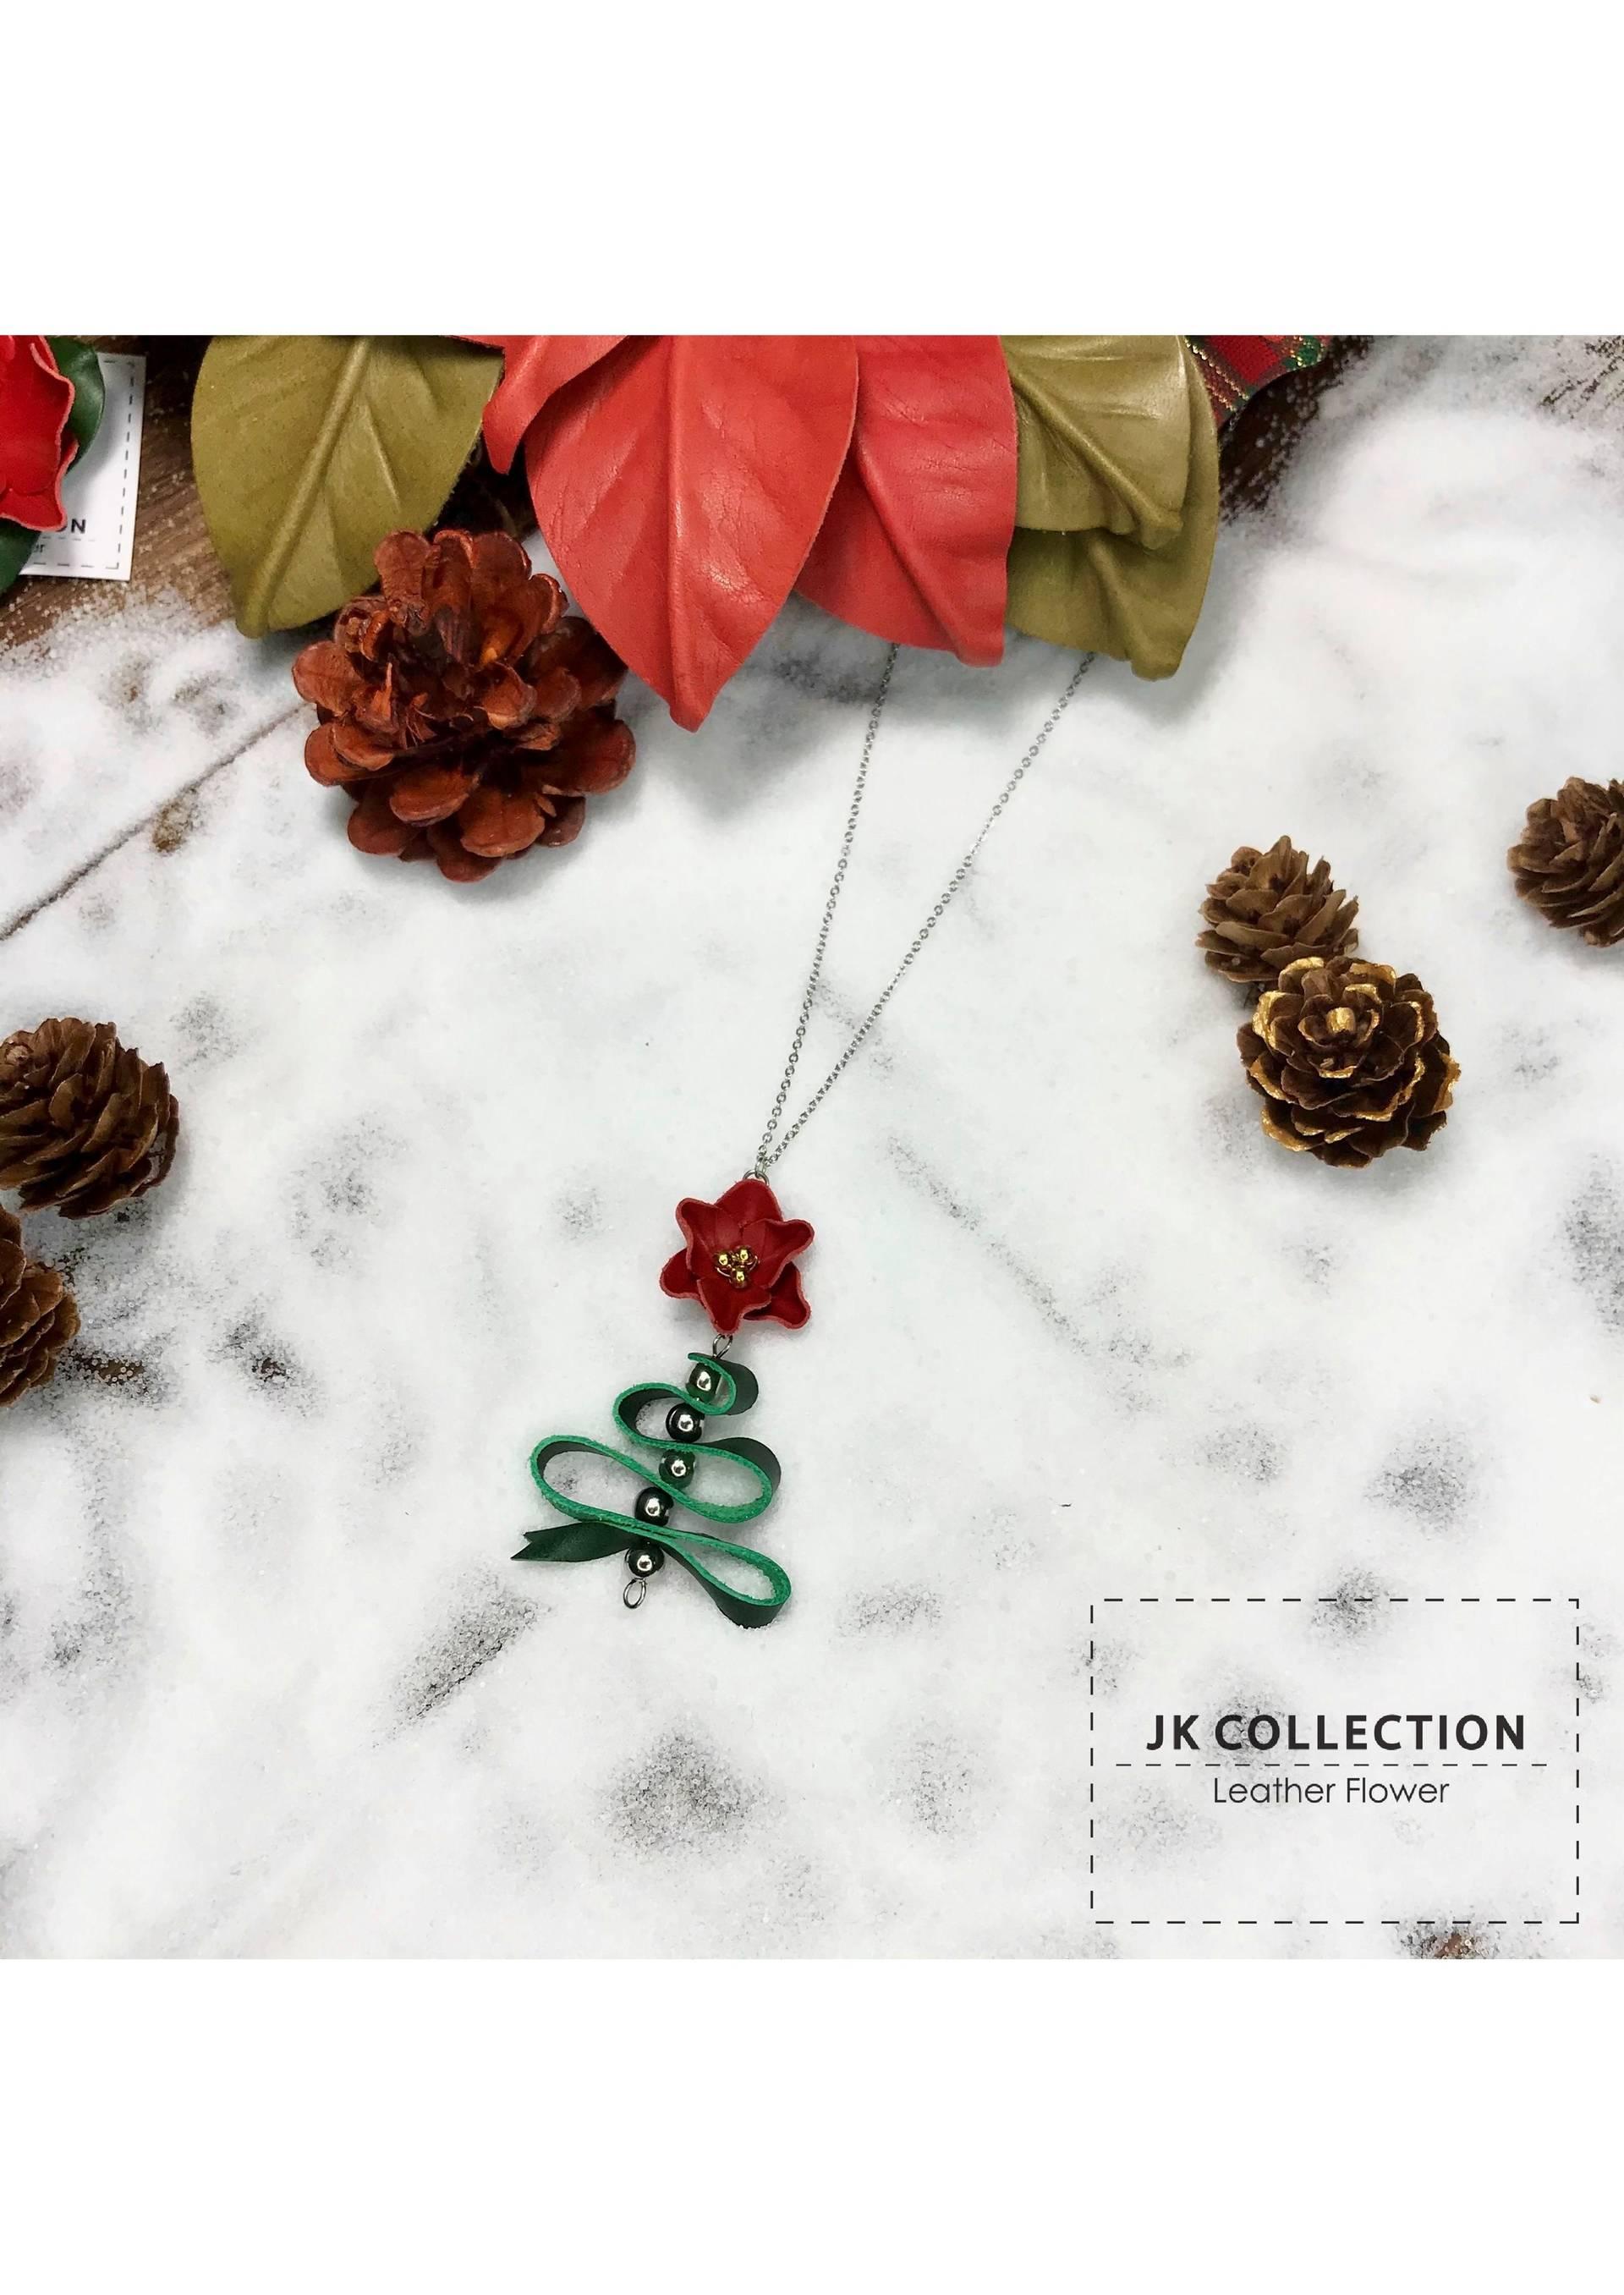 皮革聖誕花 配 絲帶聖誕樹飾物手作班 (十大匠人限定系列)